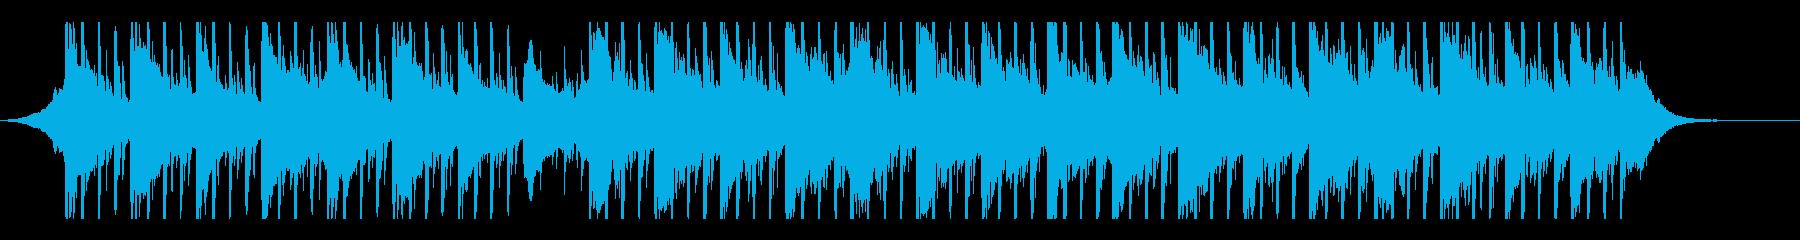 ミニマリズム(60秒)の再生済みの波形